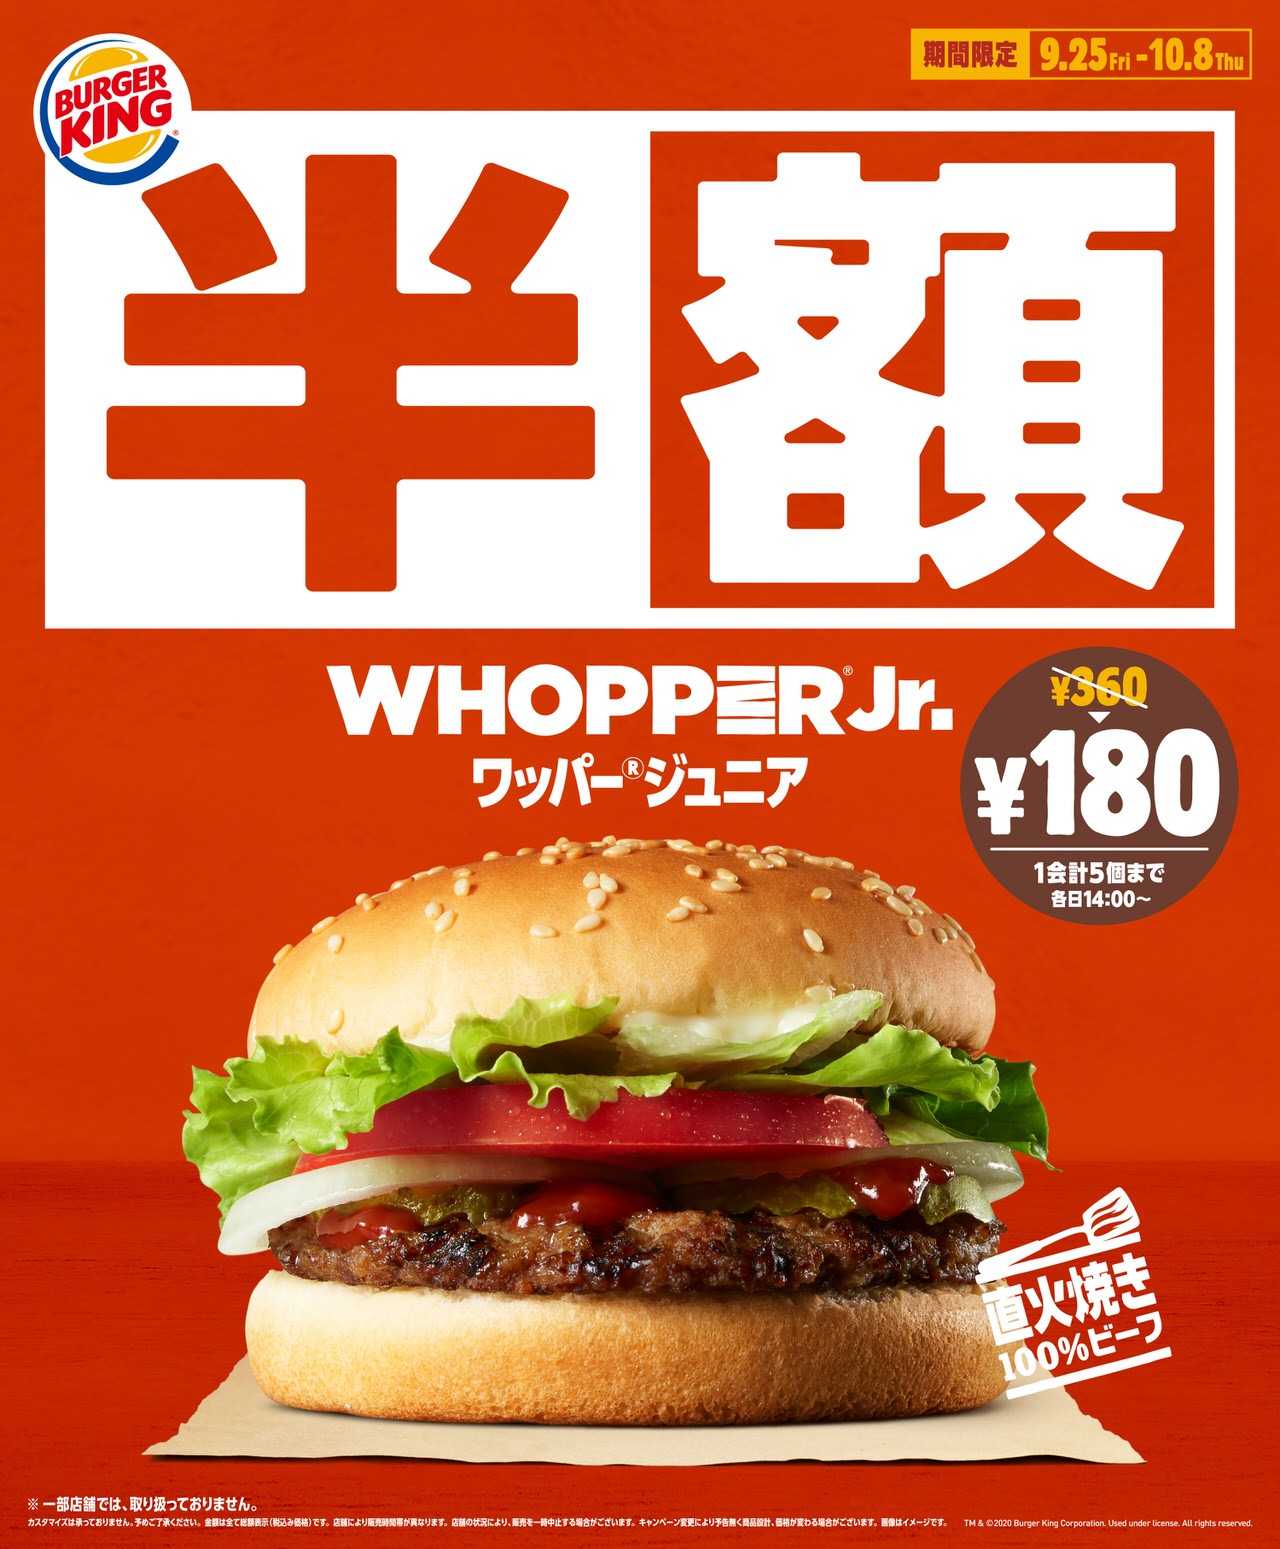 【バーガーキング】「ワッパー ジュニア」半額キャンペーンを実施!360円→180円(10/8まで)